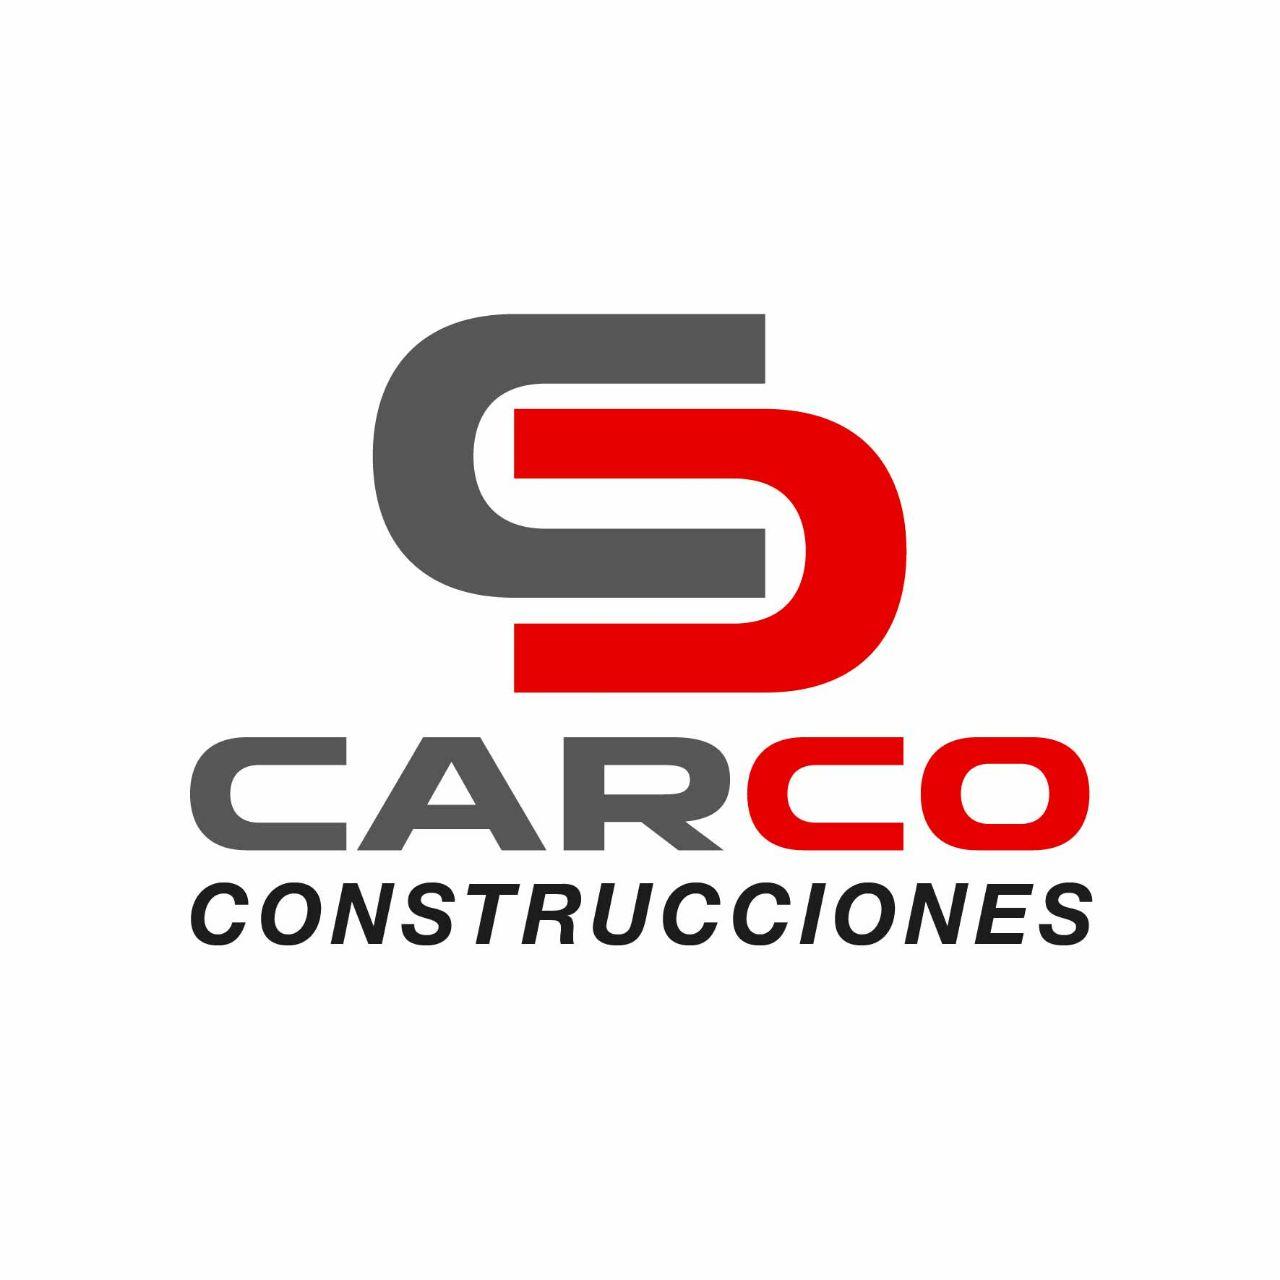 Construcciones Carco Ltd